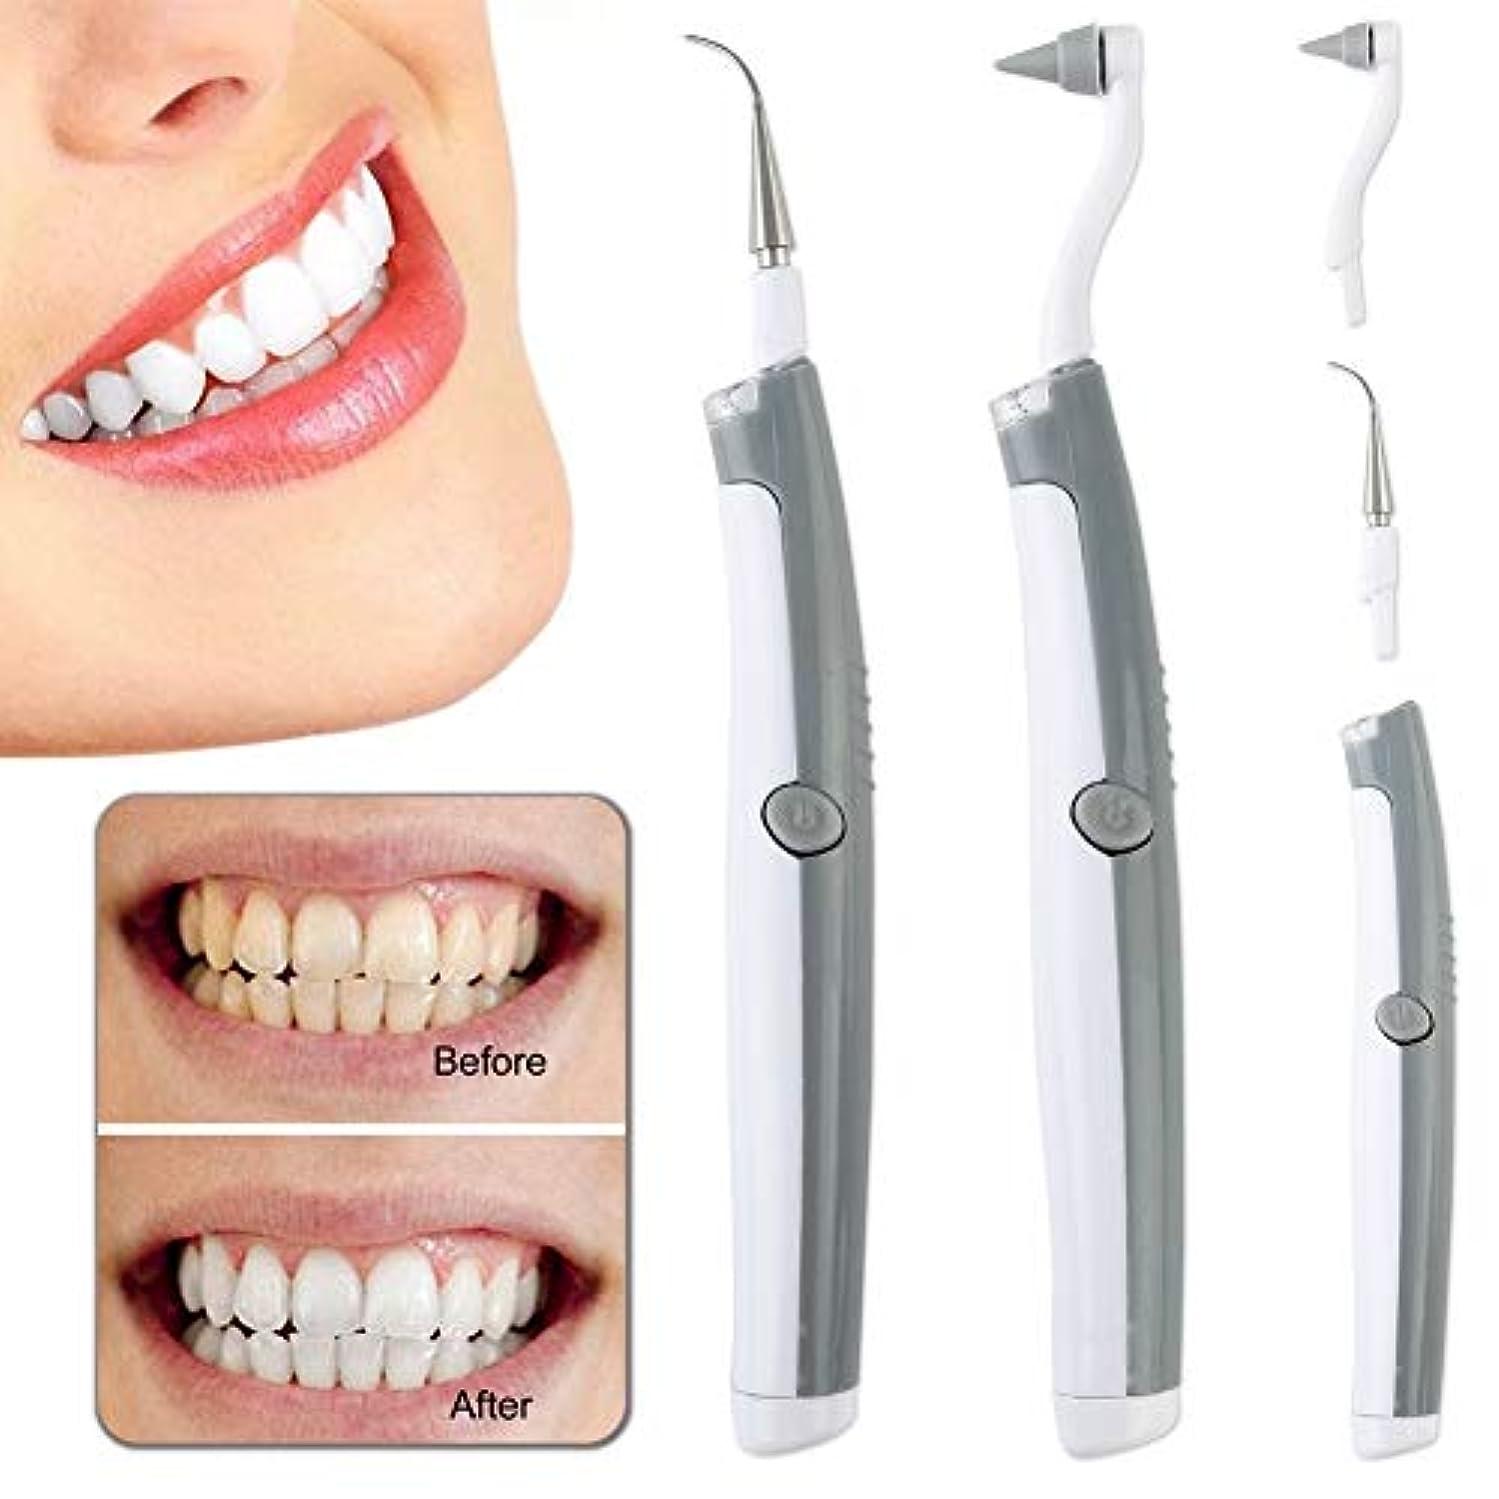 政治家ライフル検出器Six-Bullotime 歯用ツール 電動 歯清潔 歯の消しゴム 多機能の電動のLED歯科用ツールキットオーラルケア 歯間クリーナー 歯磨き 歯石取り 口腔洗浄器 口臭防止